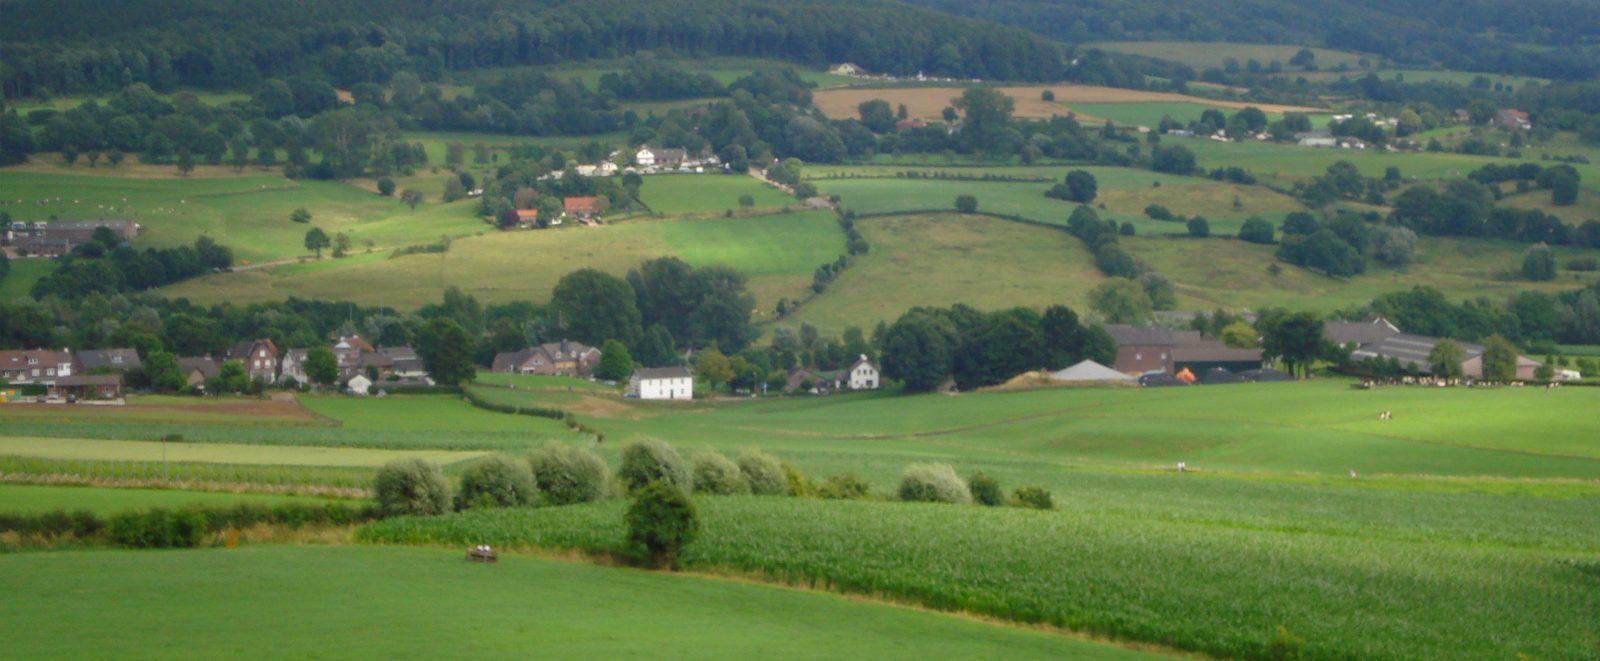 Wandelen in Zuid Limburg? Dit zijn de 5 mooiste wandelroutes